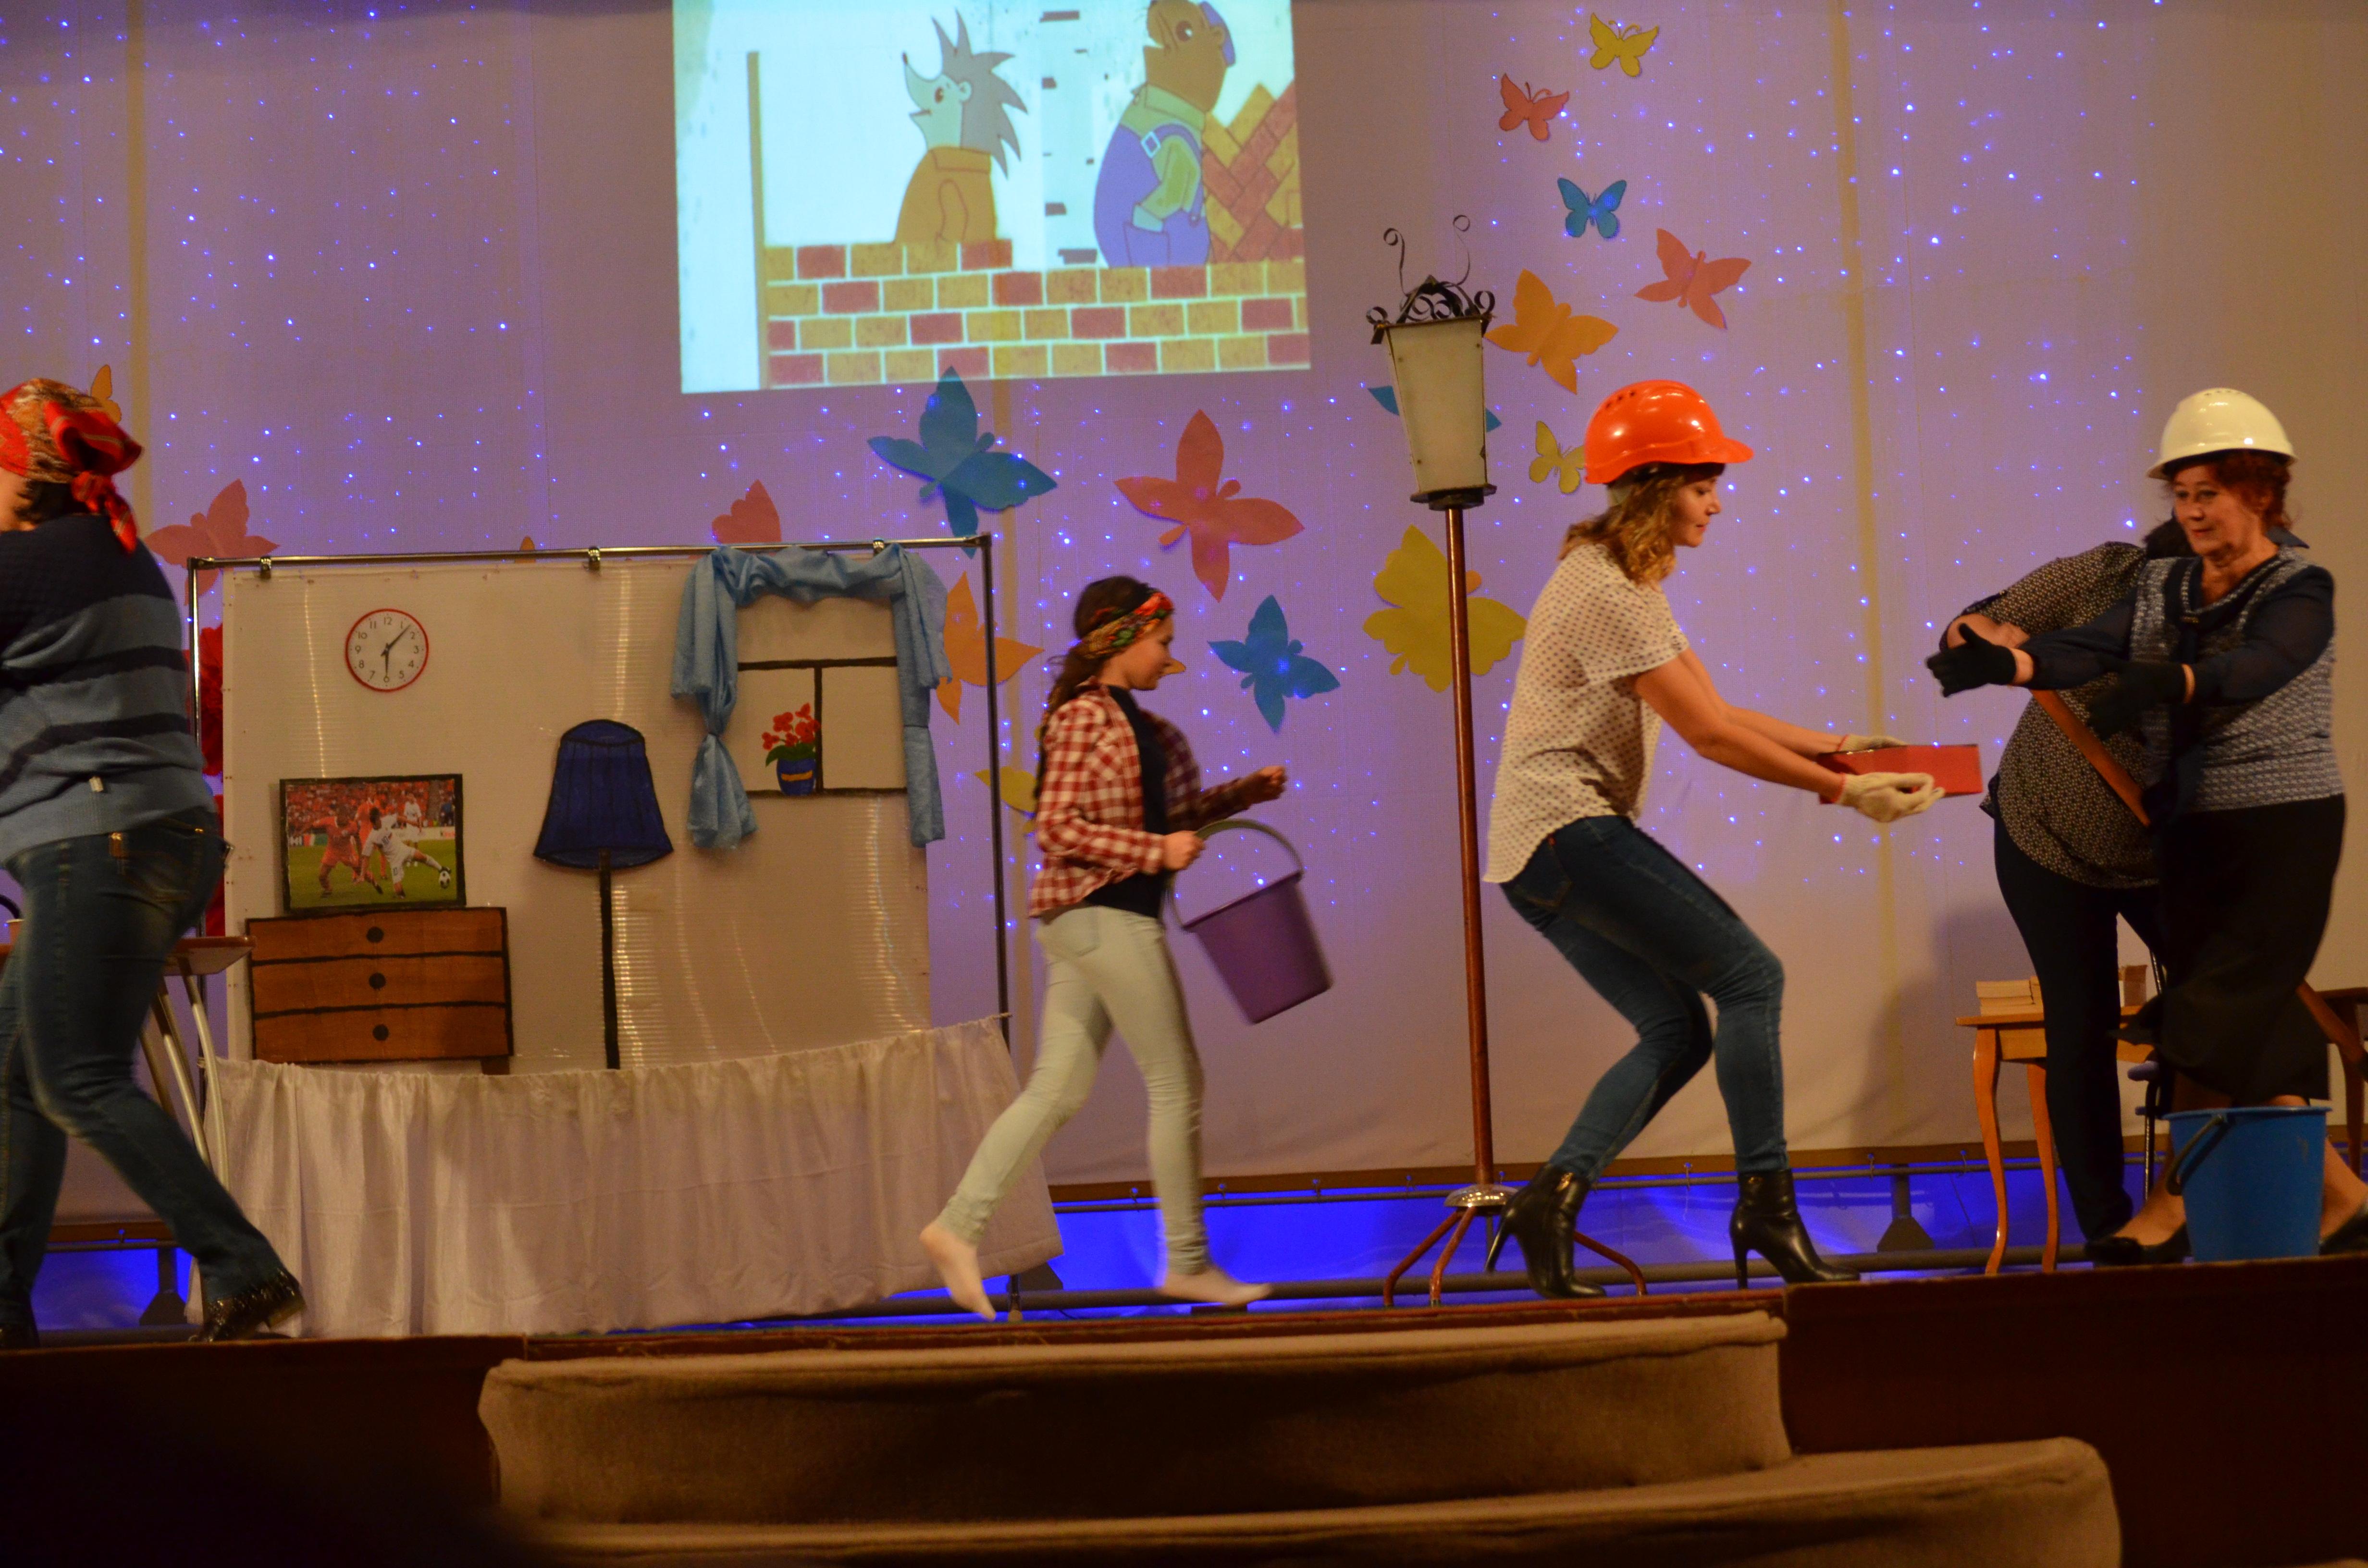 Библиотекари на районном конкурсе Молодая семья МАУК   0001 0022 0134 0150 0161